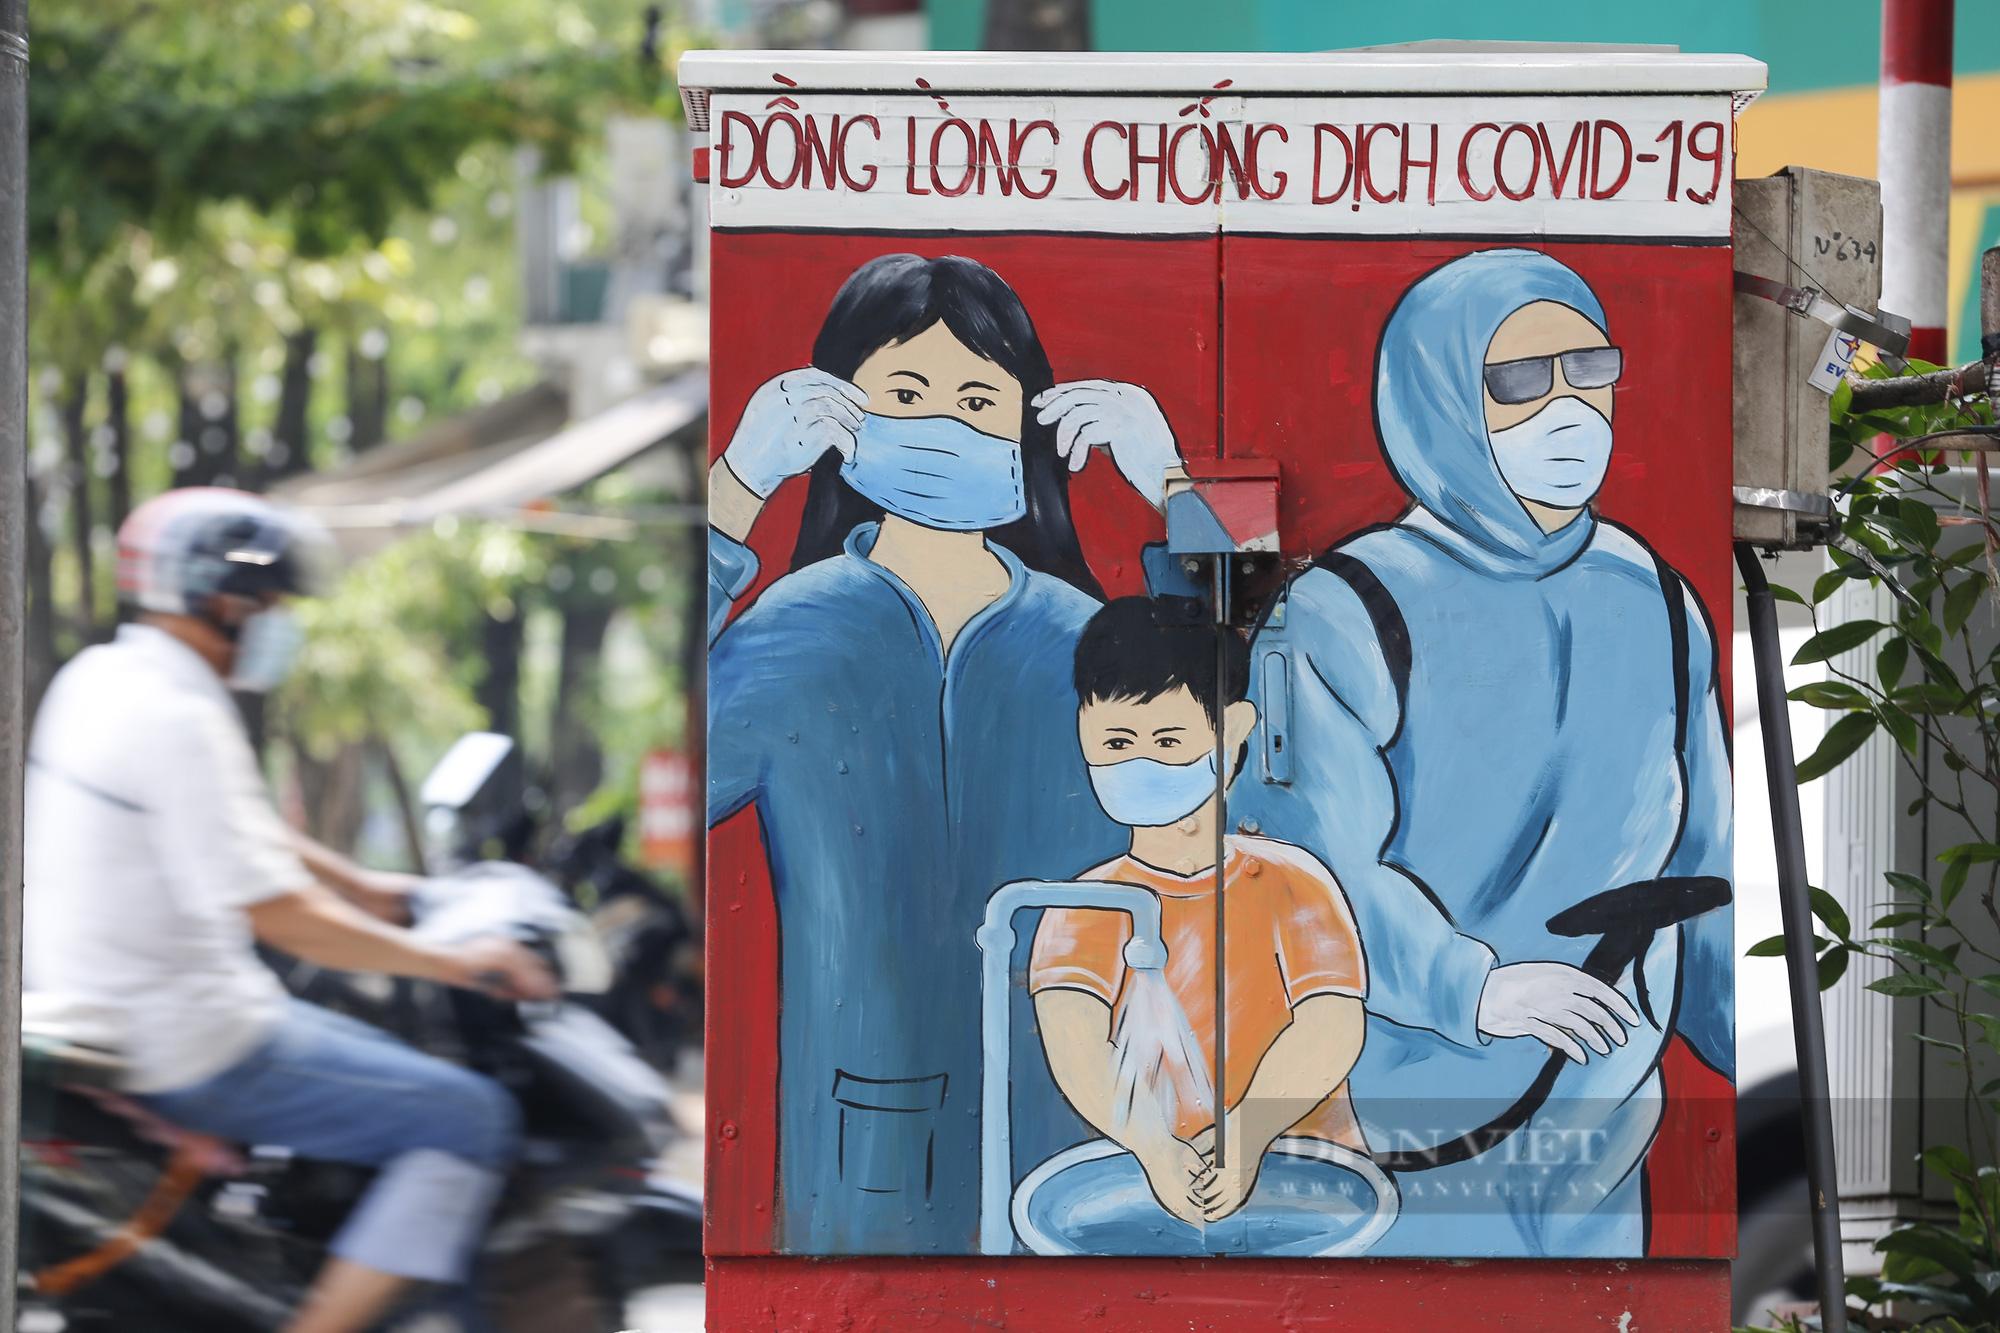 Đường phố Hà Nội xuất hiện những thông điệp tiếp thêm sức mạnh trong công tác phòng, chống Covid-19  - Ảnh 3.